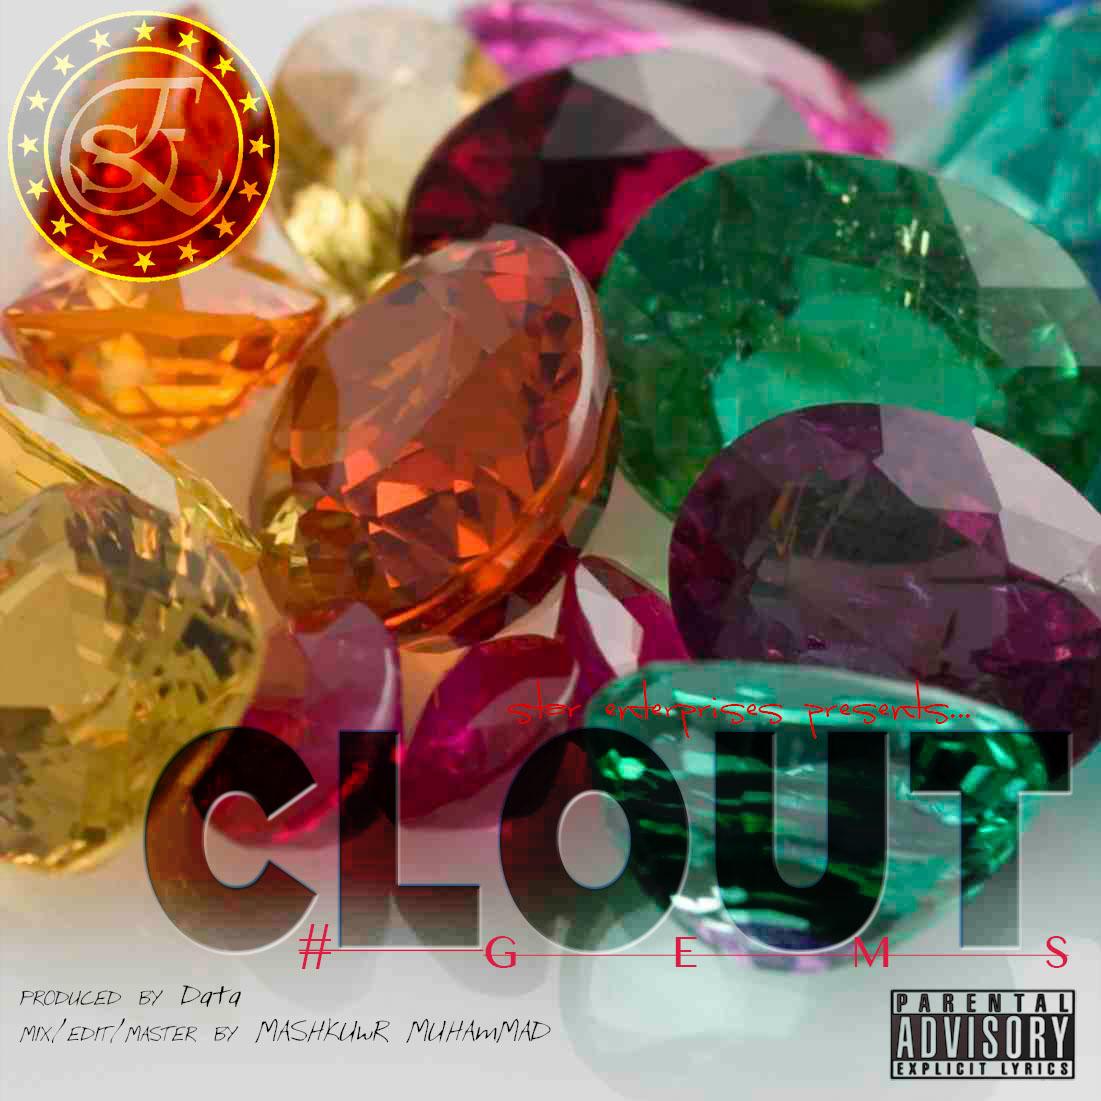 gems1a Clout (@WestPhilClout) - Gems